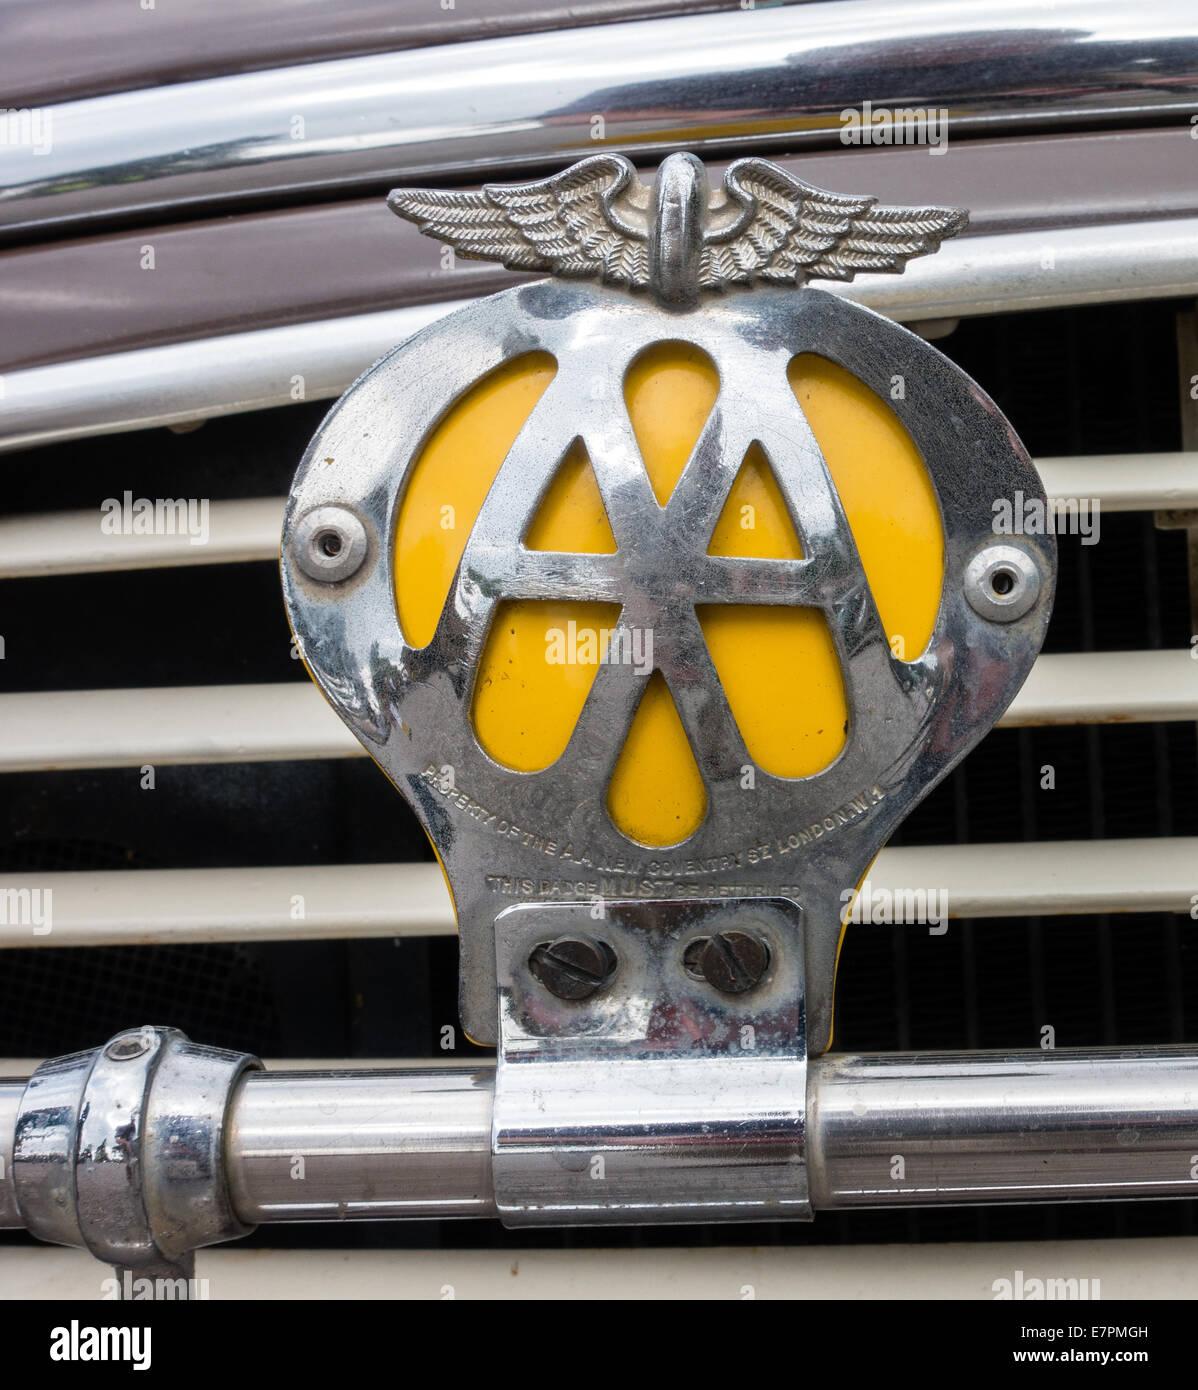 Chapado en cromo de antigüedades AA Automobile Association insignia insignia en un bar de un Morris Minor UK Imagen De Stock